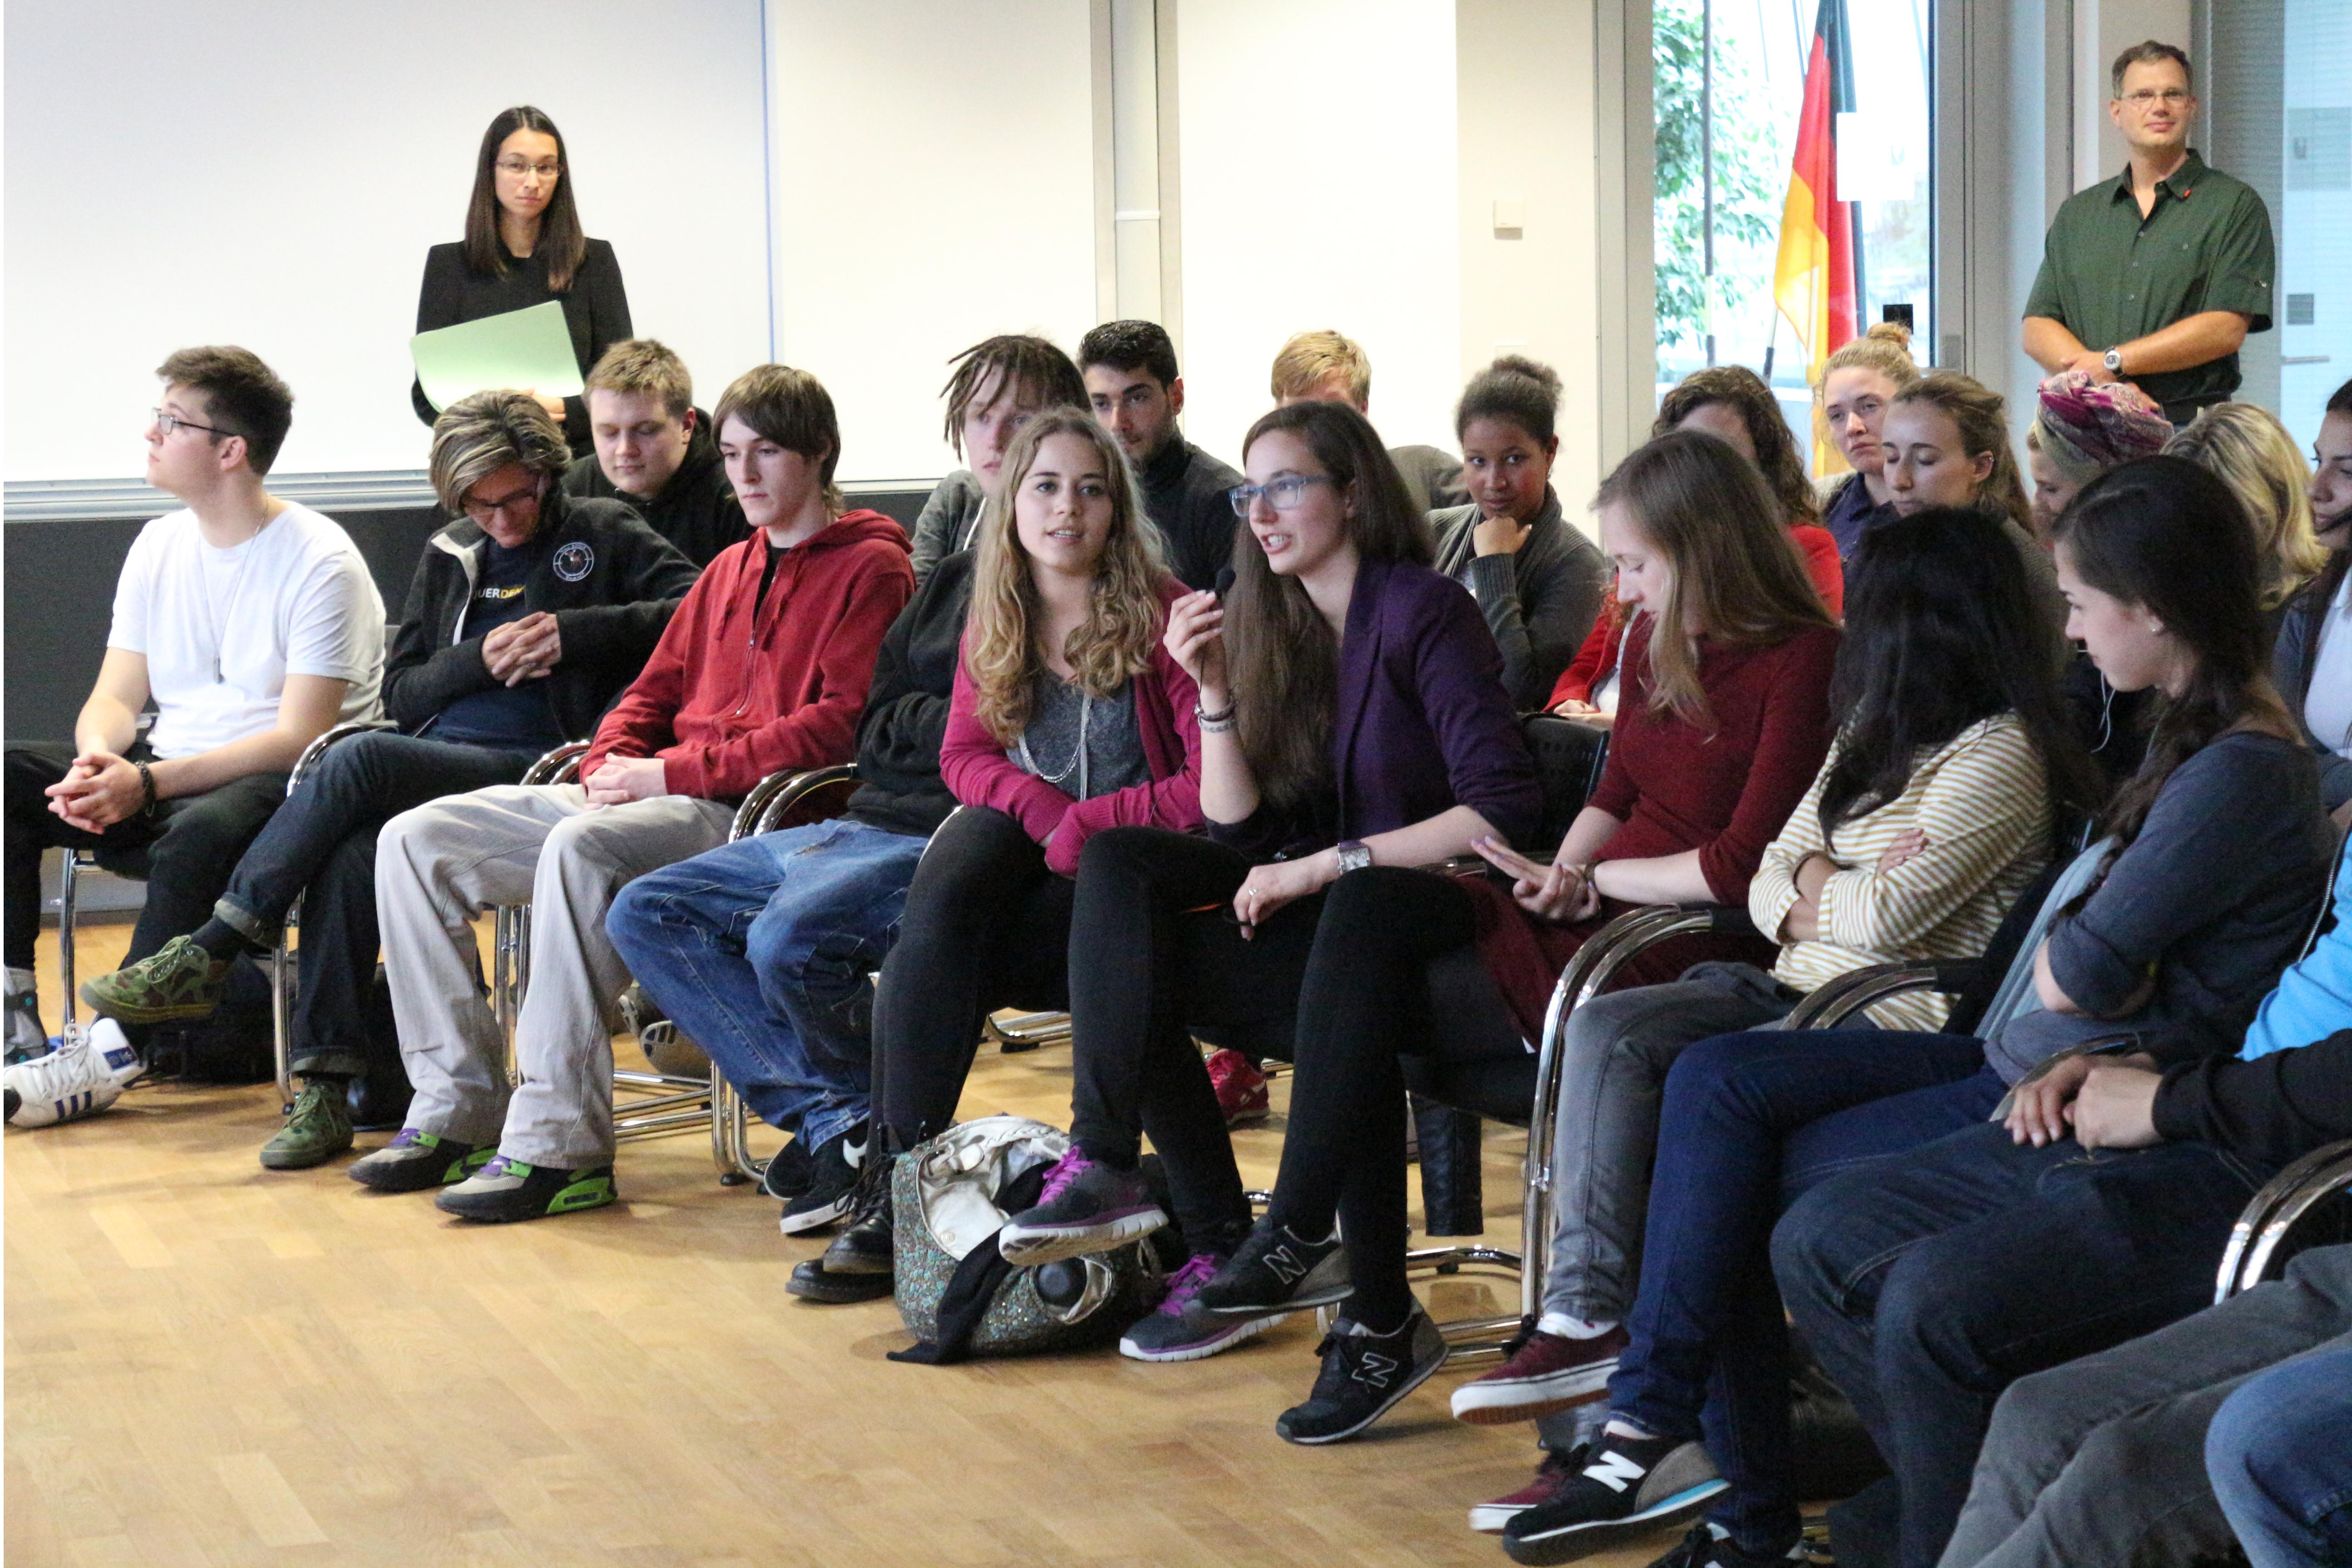 Eimsbütteler Schüler zu Besuch im Bundesjustizministerium. Foto: BMJV